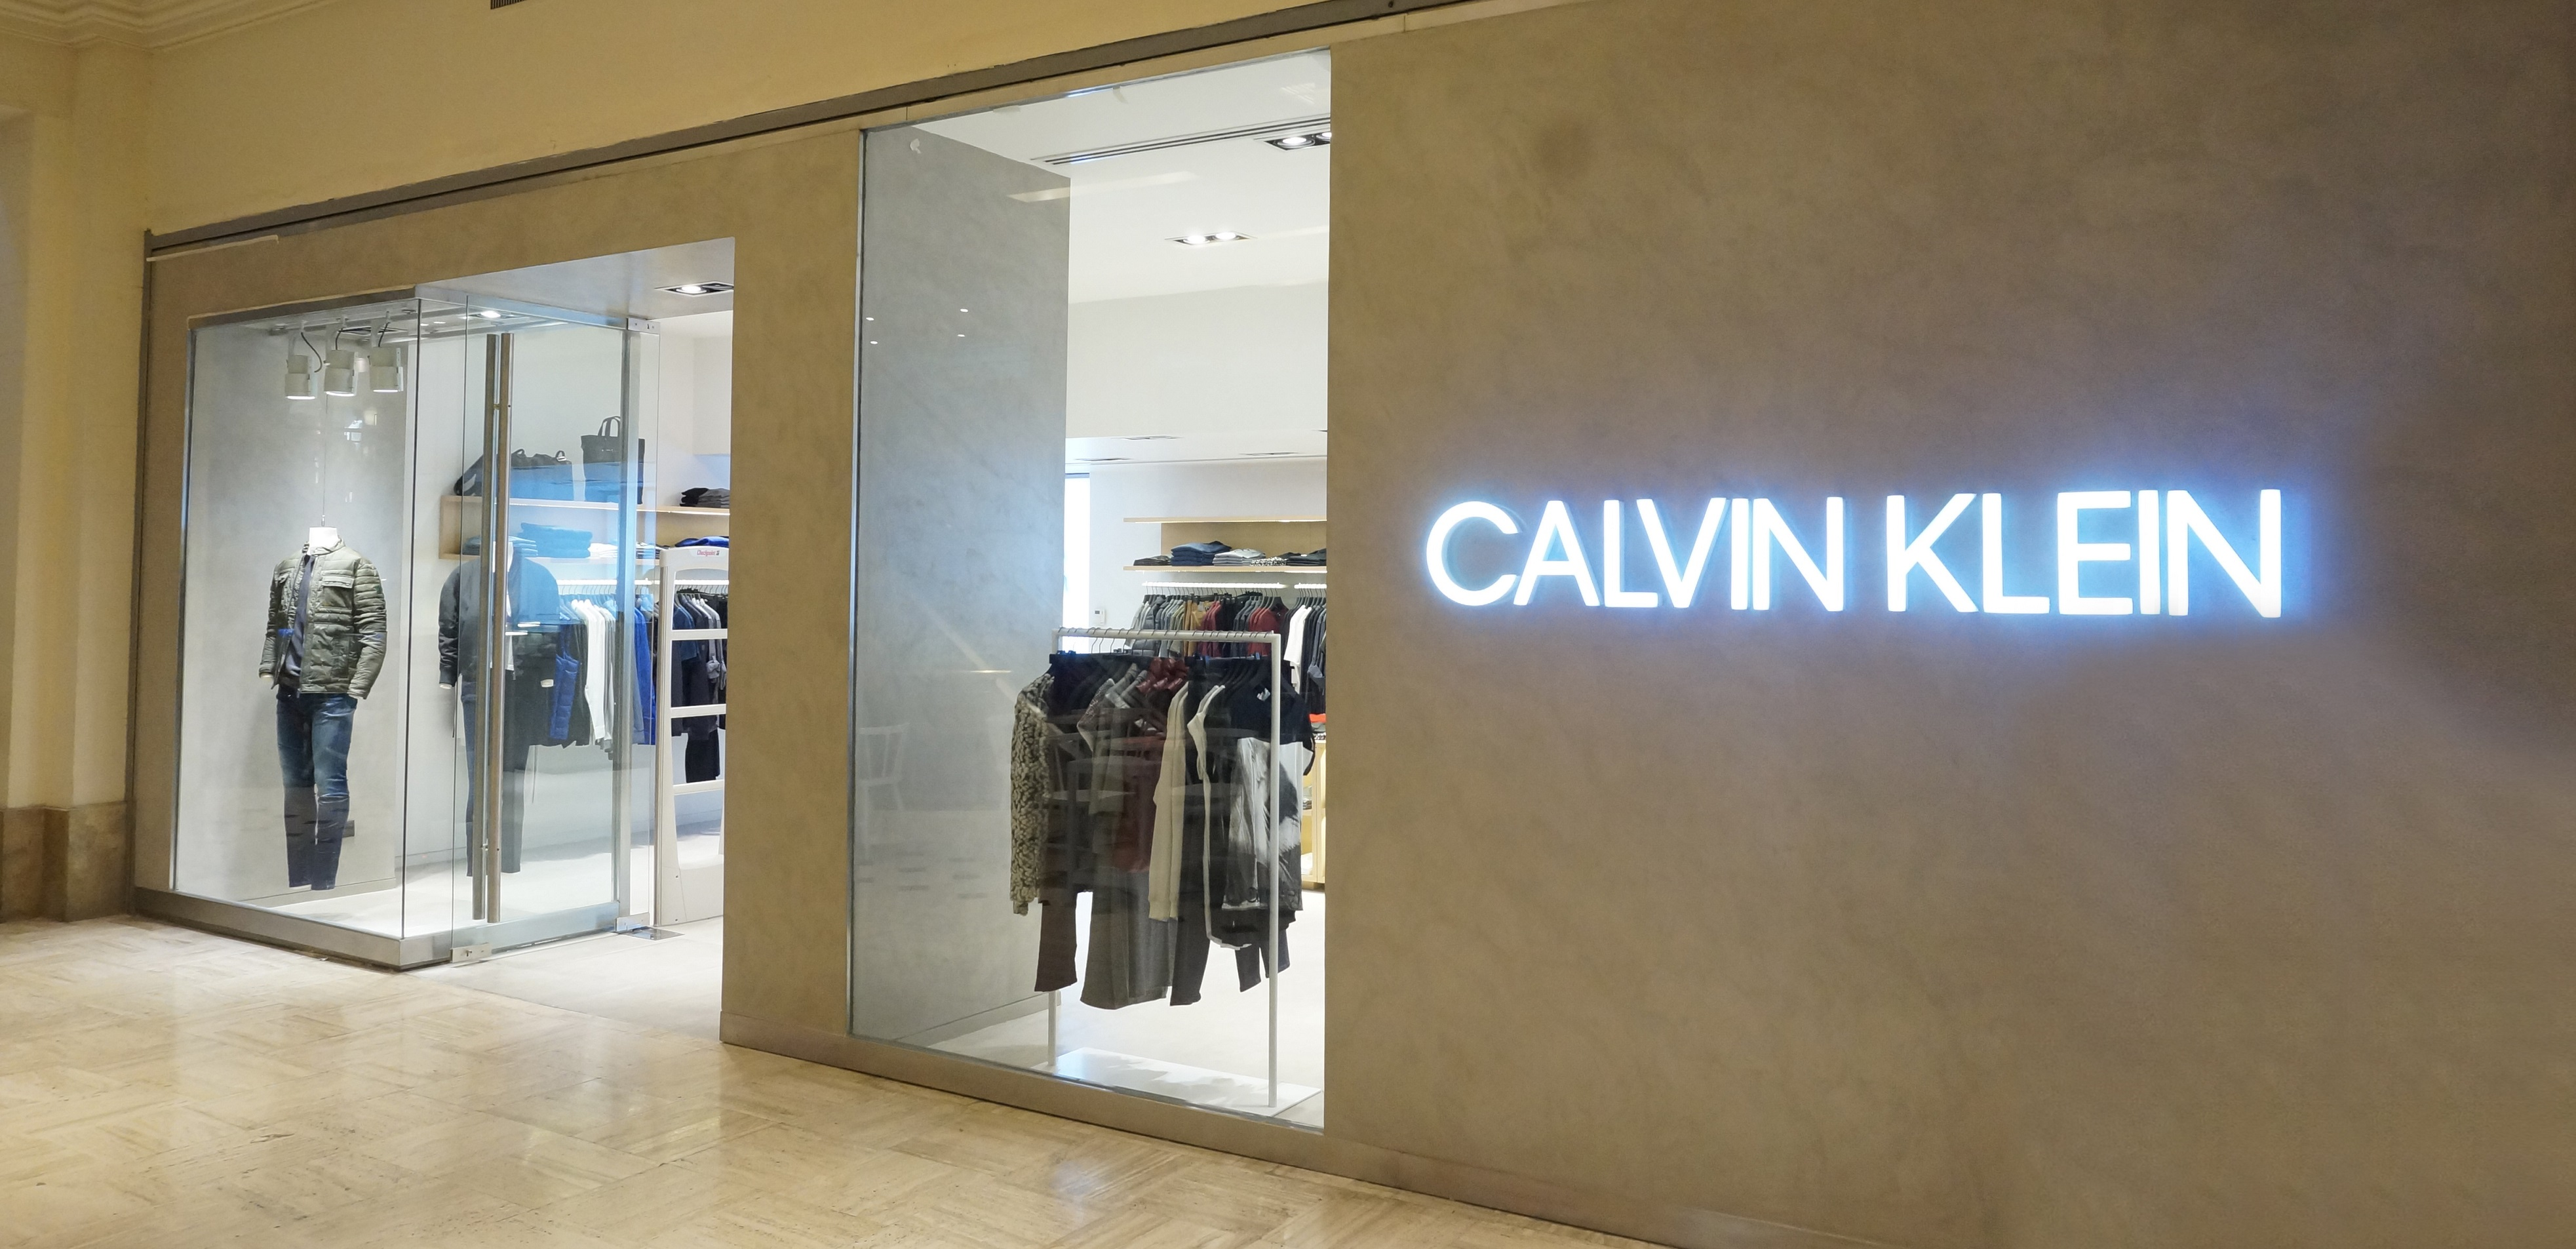 Calvin Klein Patio Bullrich - Reconocidas marcas de lujo vuelven a Argentina